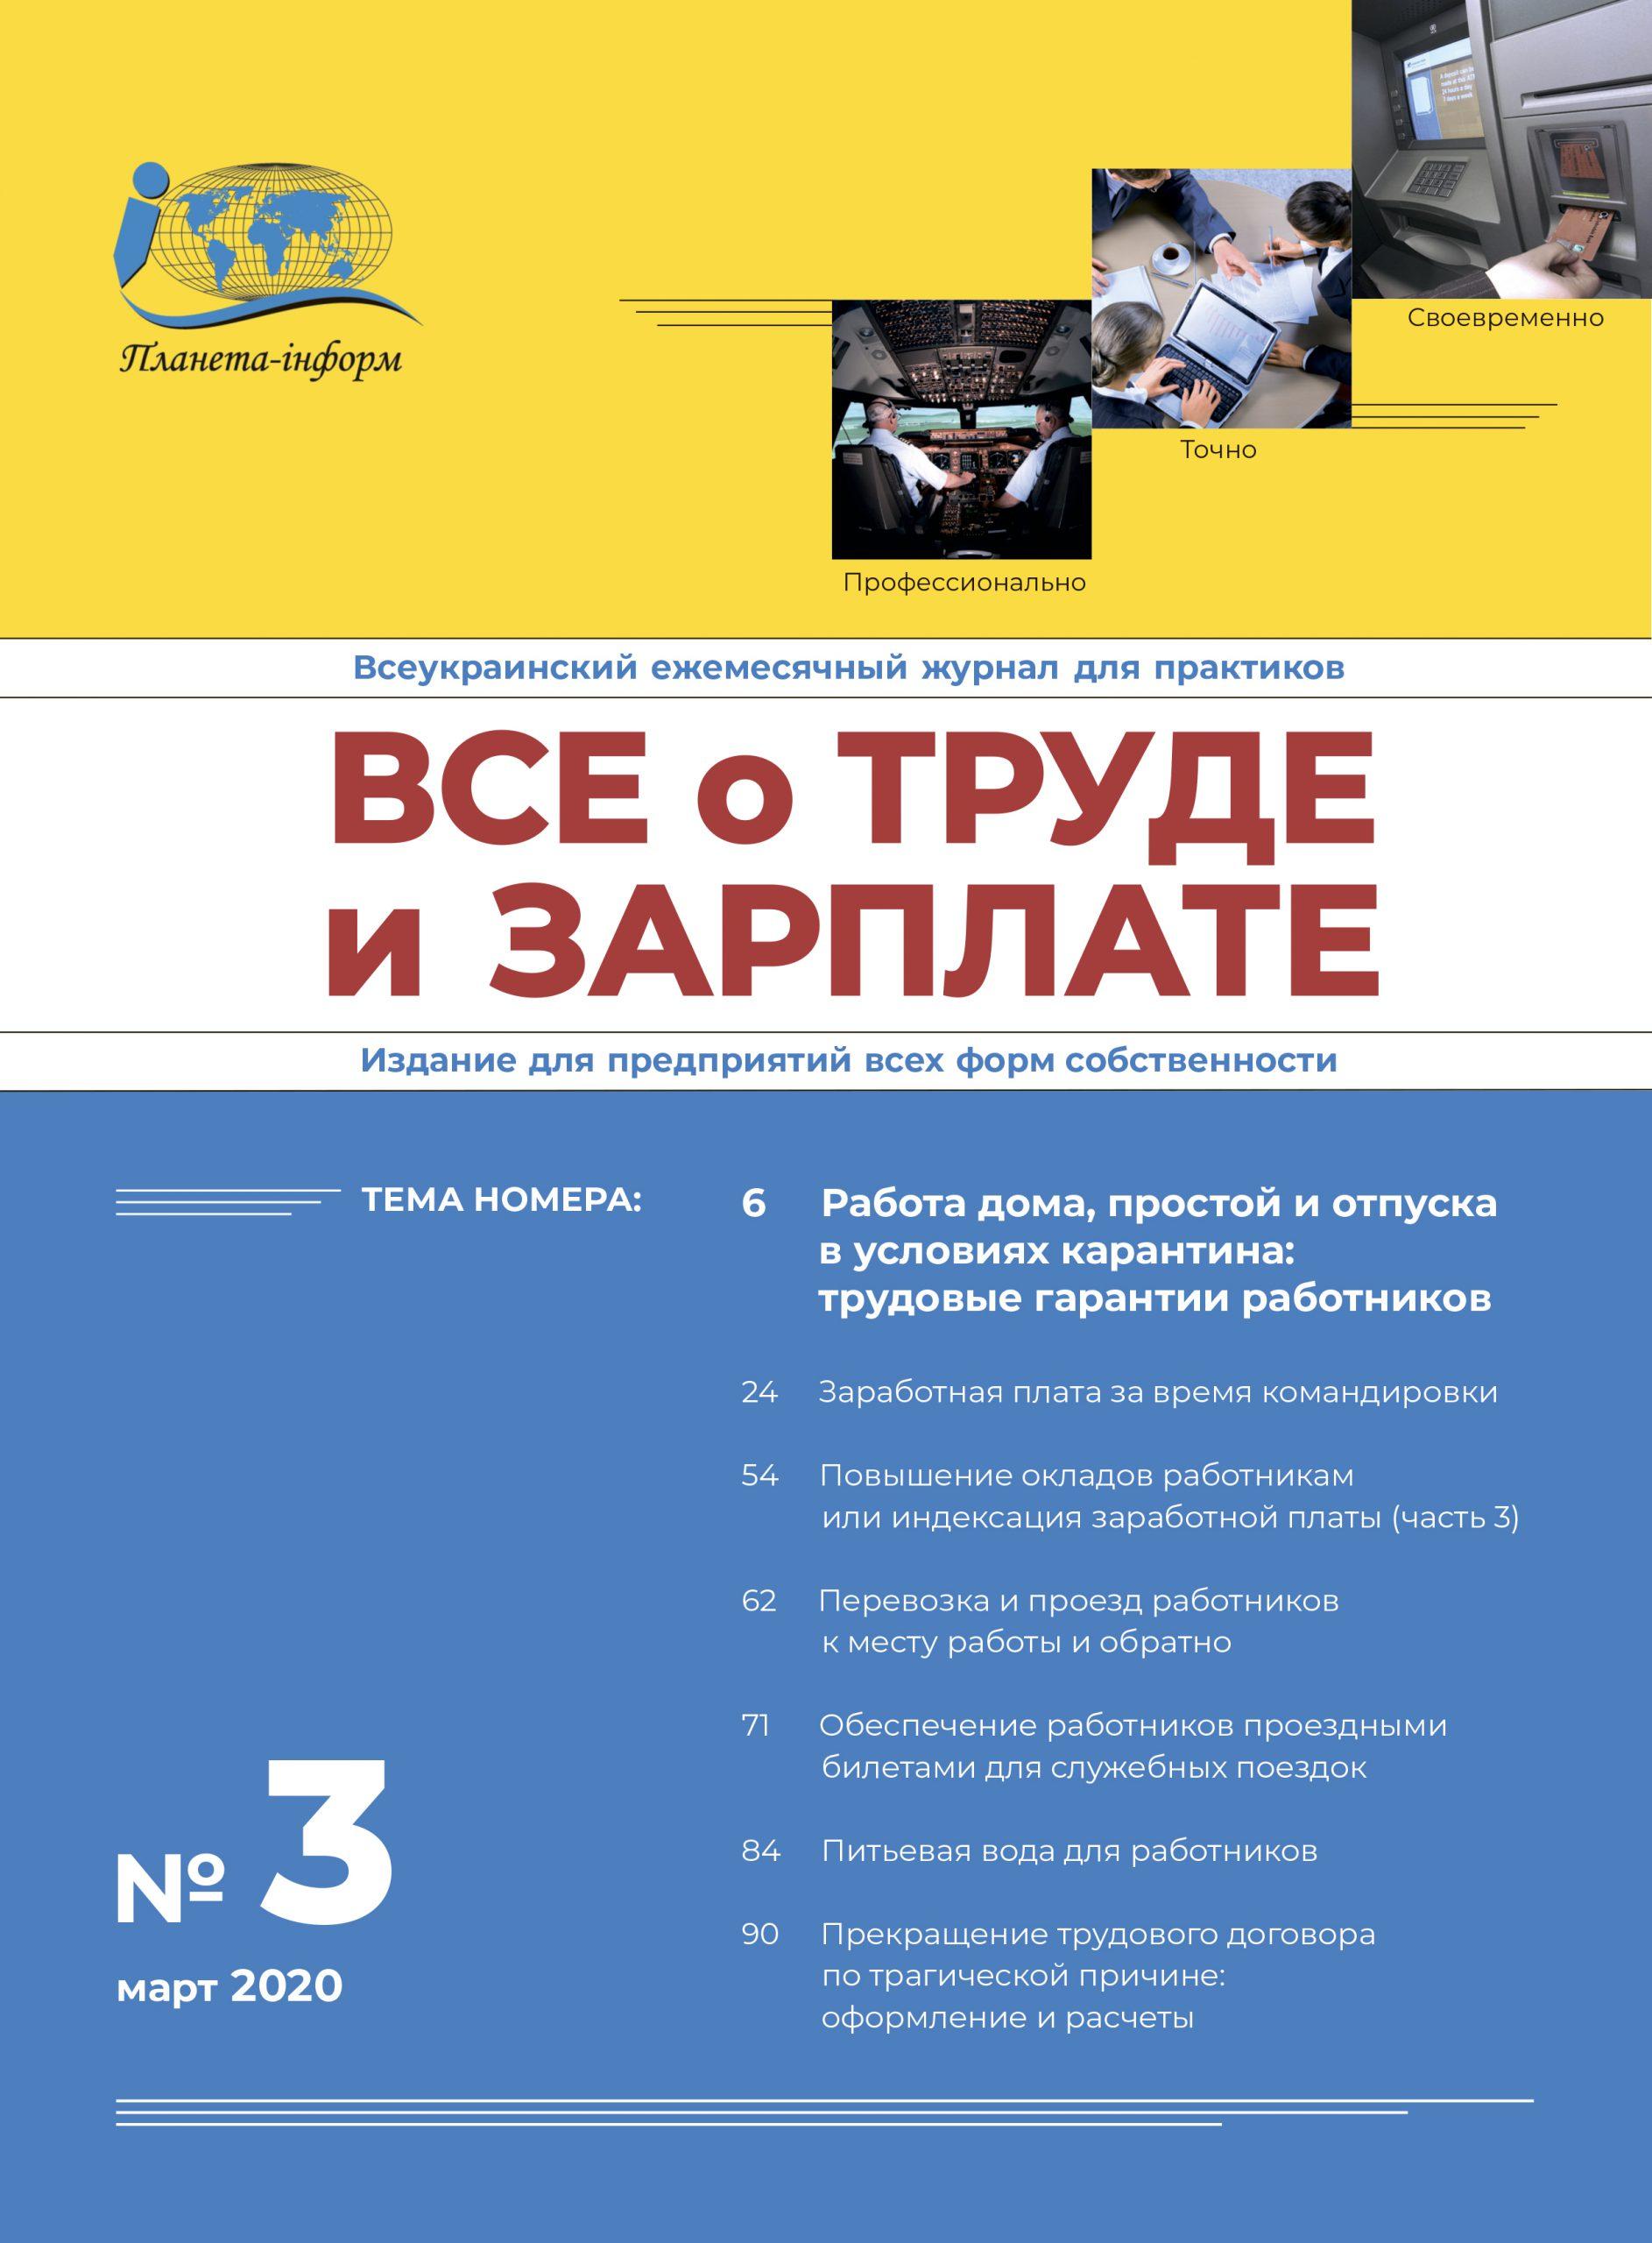 Журнал Все о труде и зарплате № 3/2020